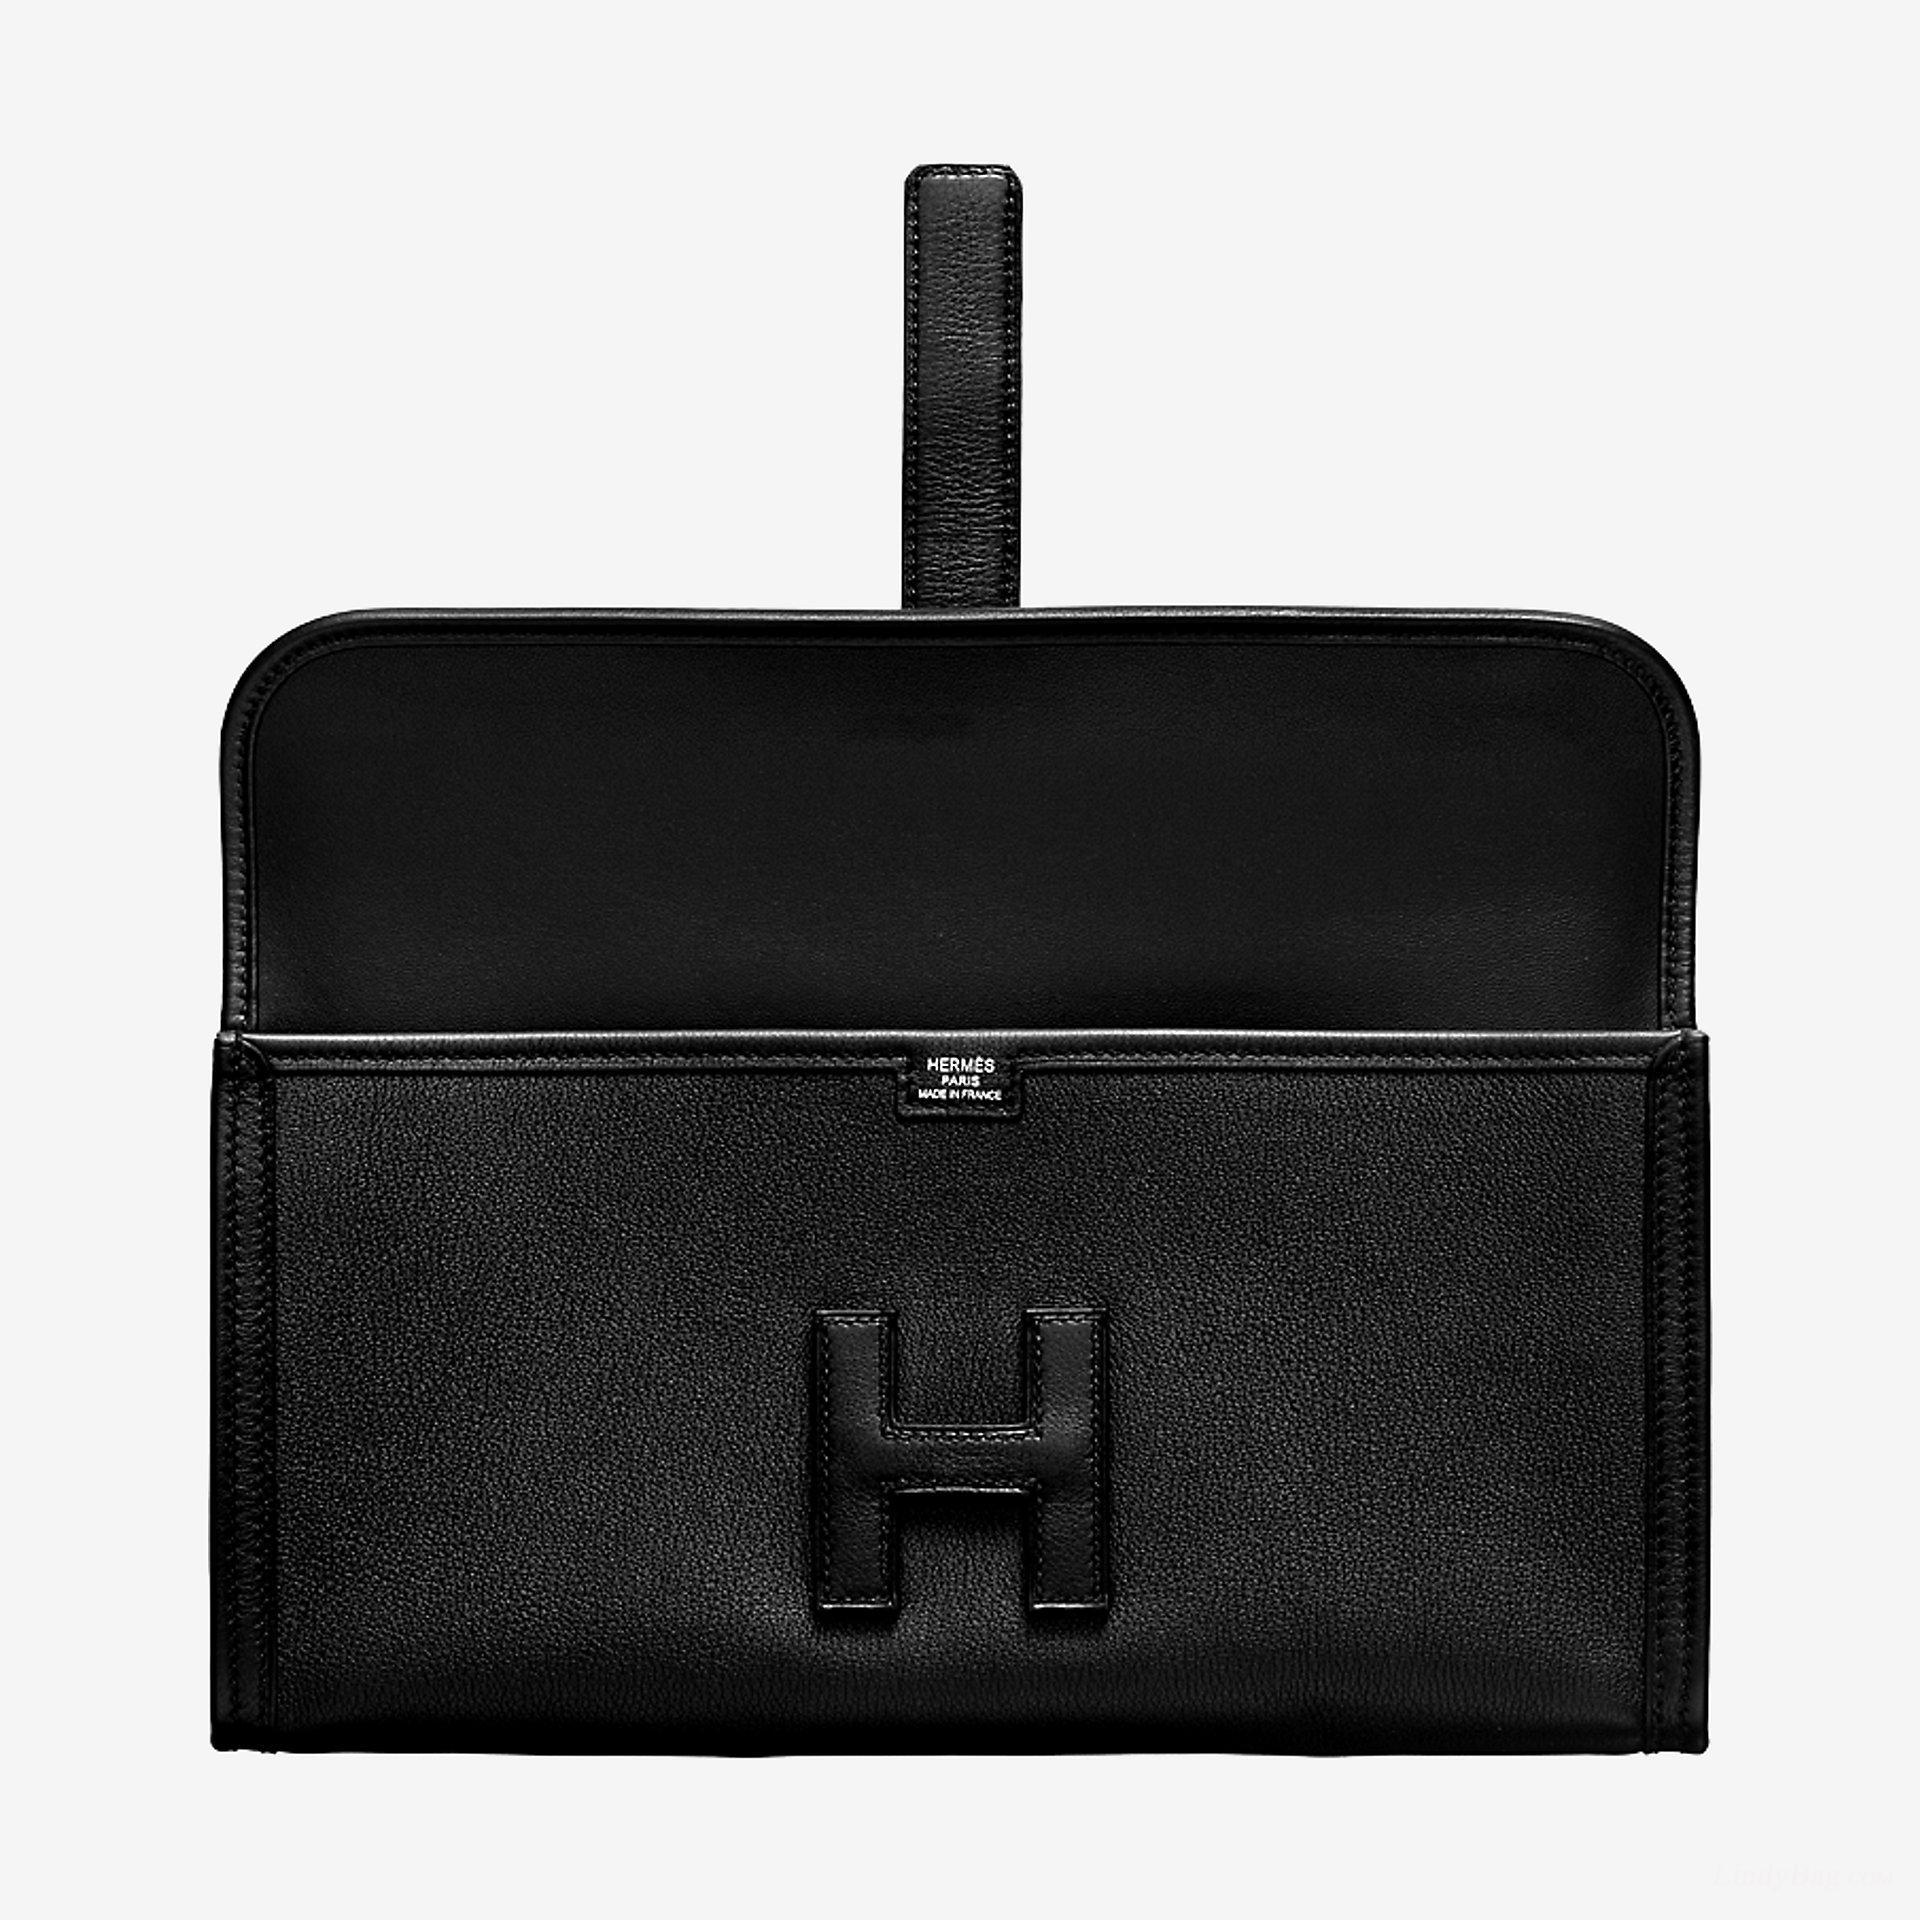 Hermes Jige Elan 29 clutch CA89 noir Swift calfskin